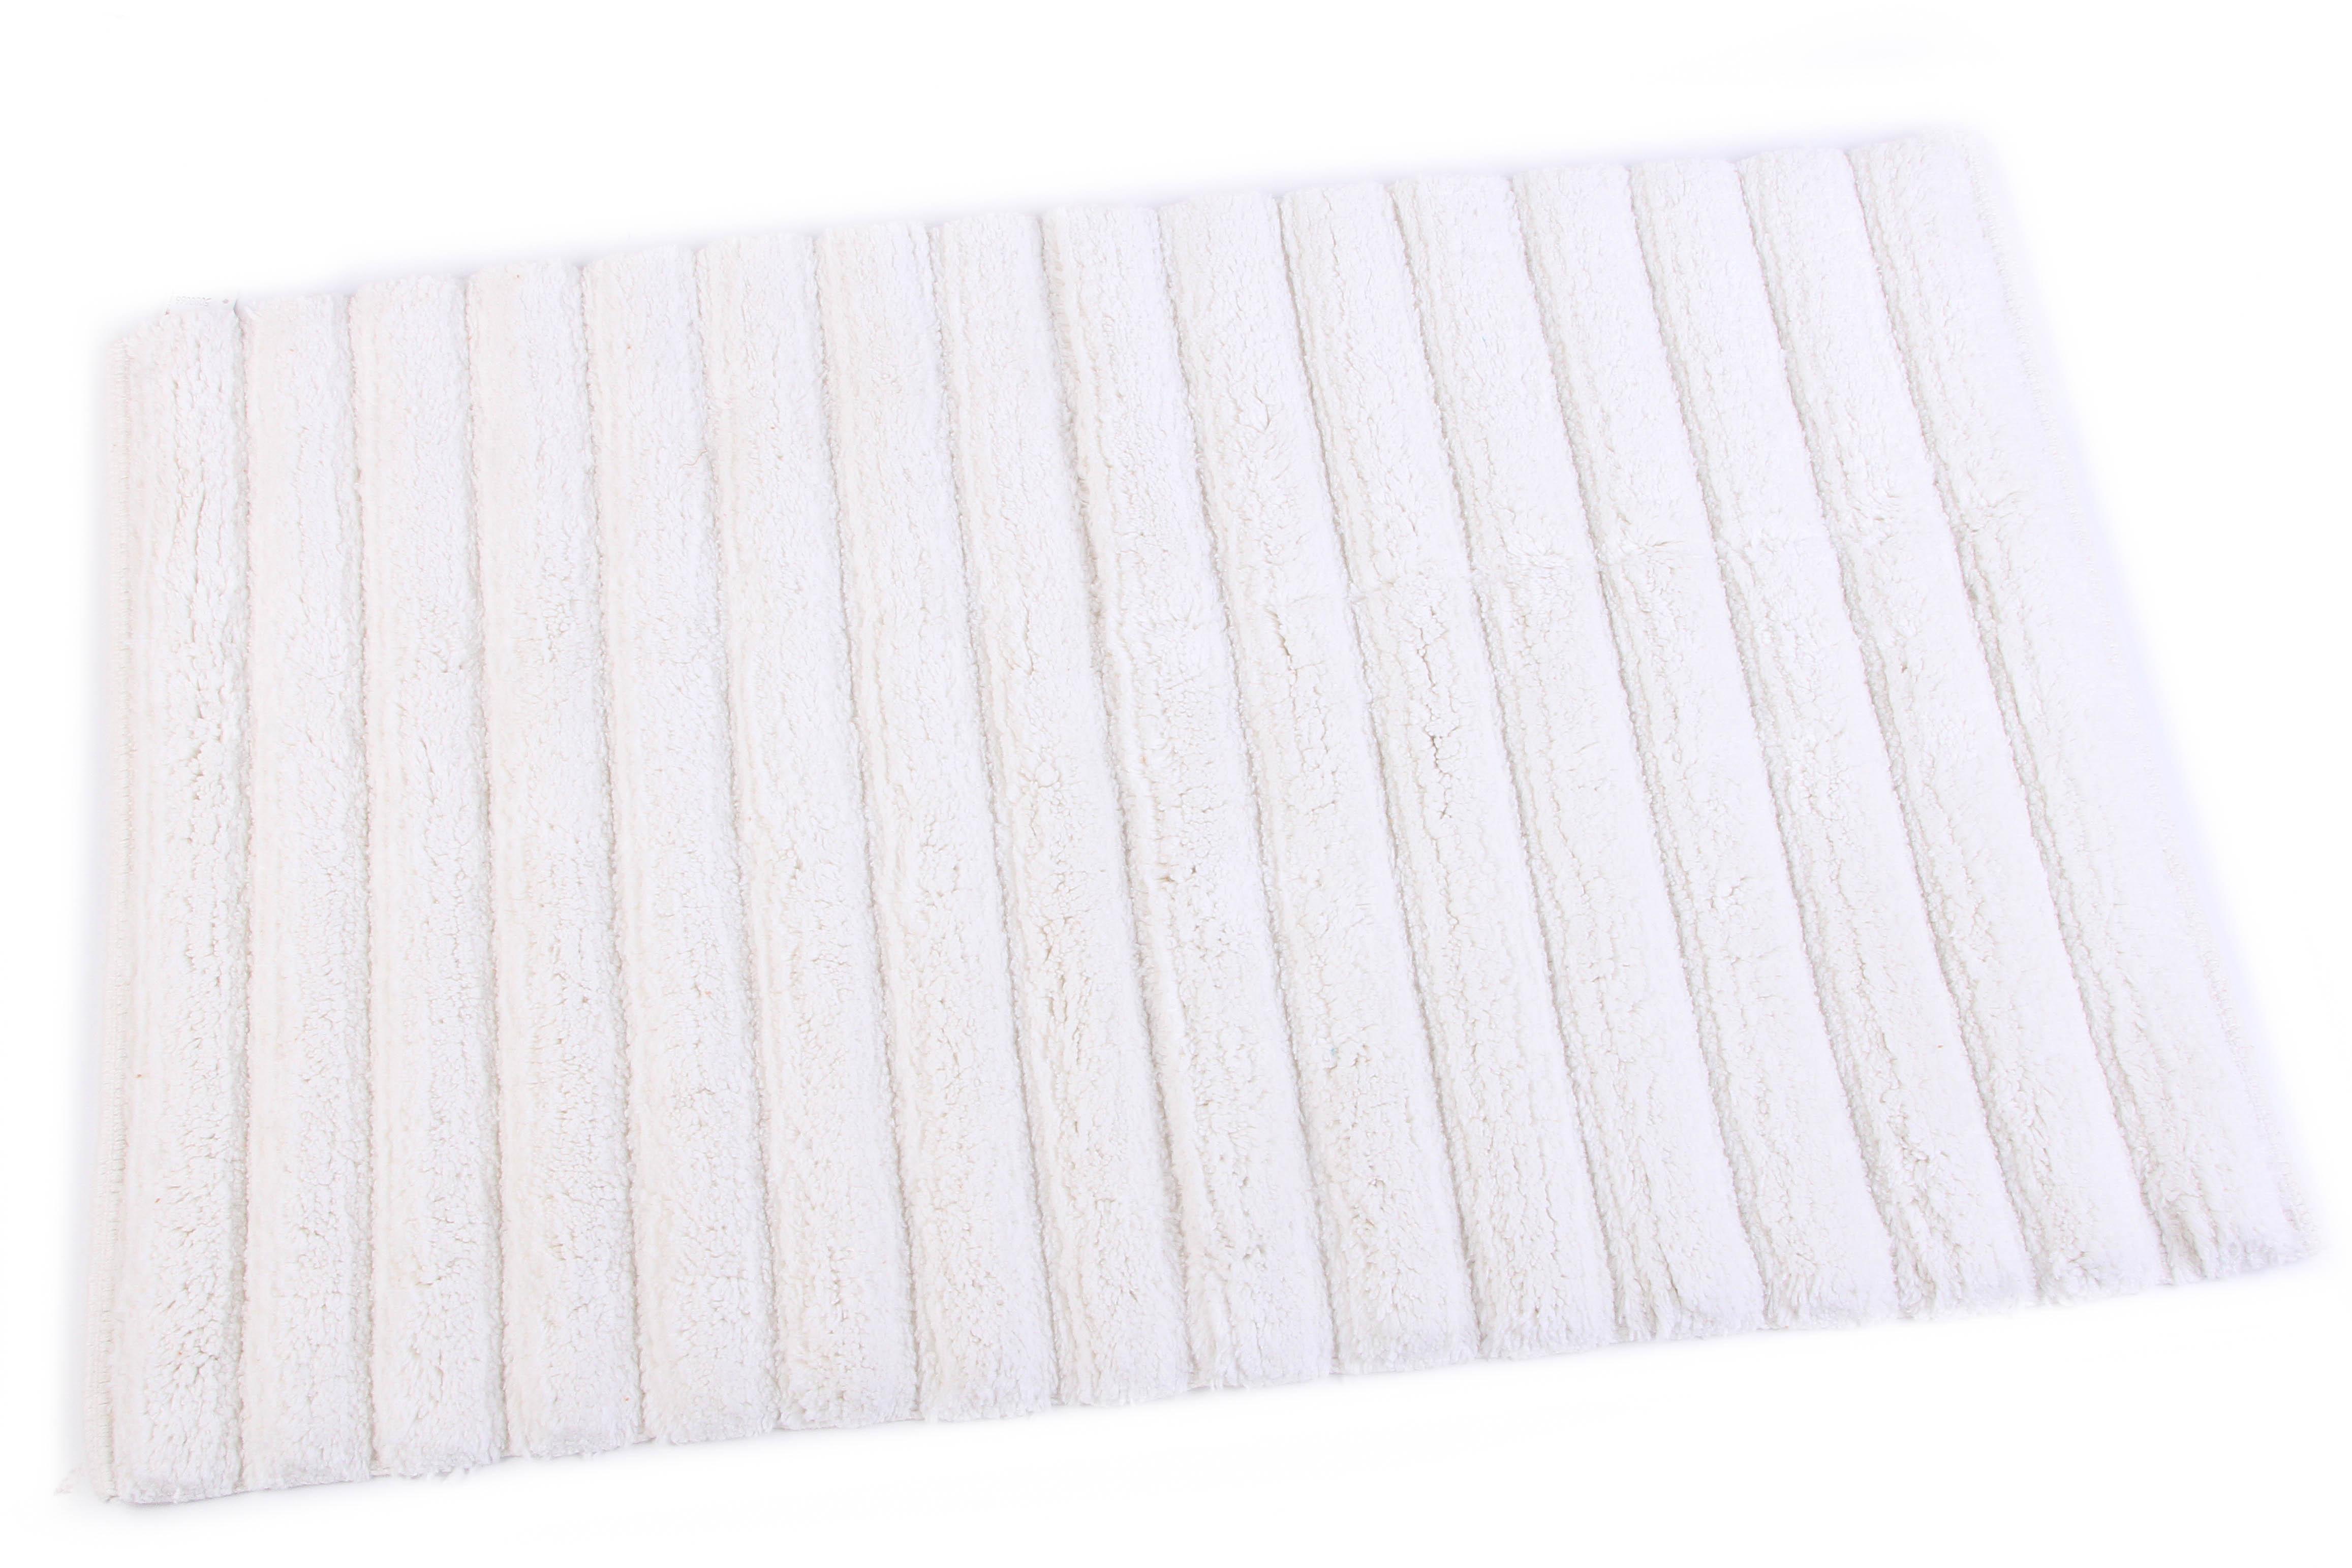 Аксессуары для ванной и туалета Ганг Коврик для ванной Tabitha Цвет: Белый (50х80 см) комод для ванной aquaton мадрид 80 белый